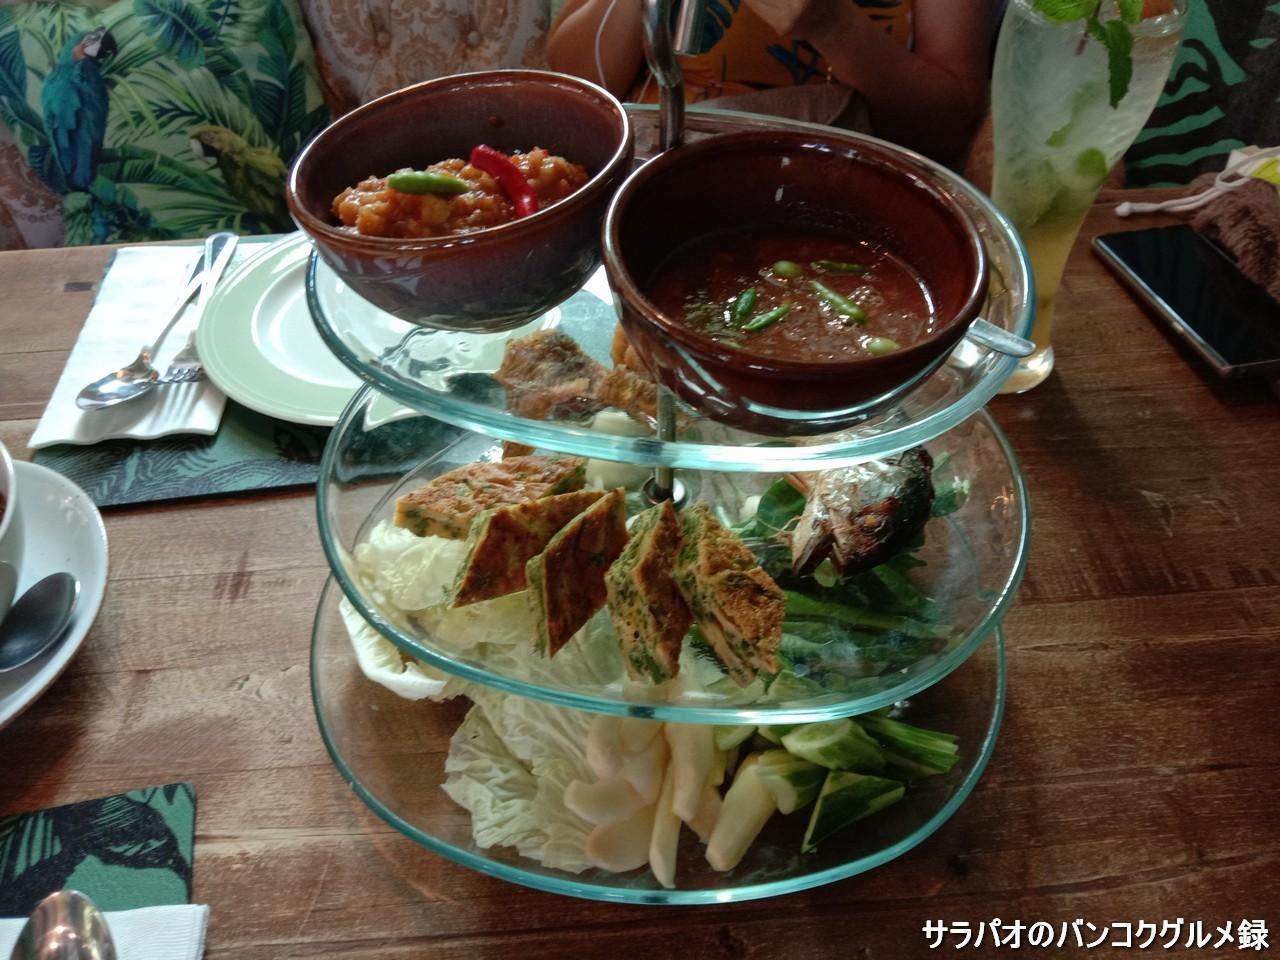 キアオ・カイガーは富裕層タイ人に人気のタイ料理店 in ラートプラーオ